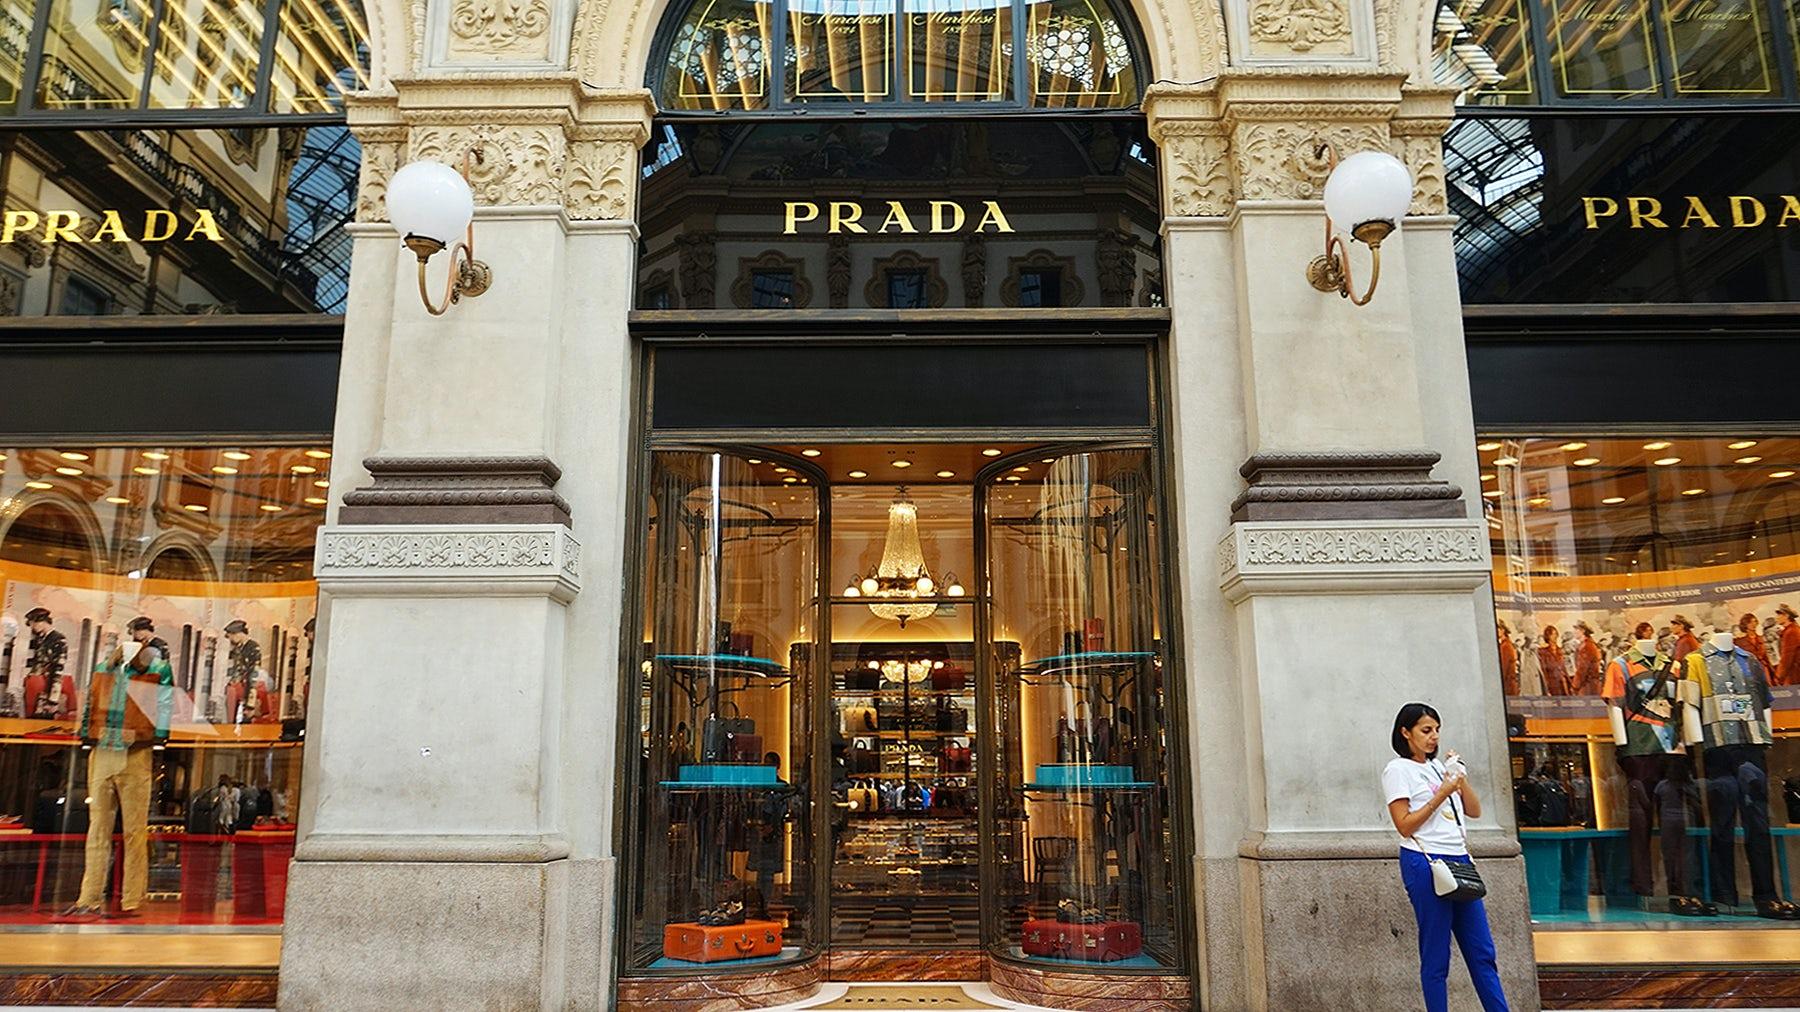 Prada store | Source: Shutterstock